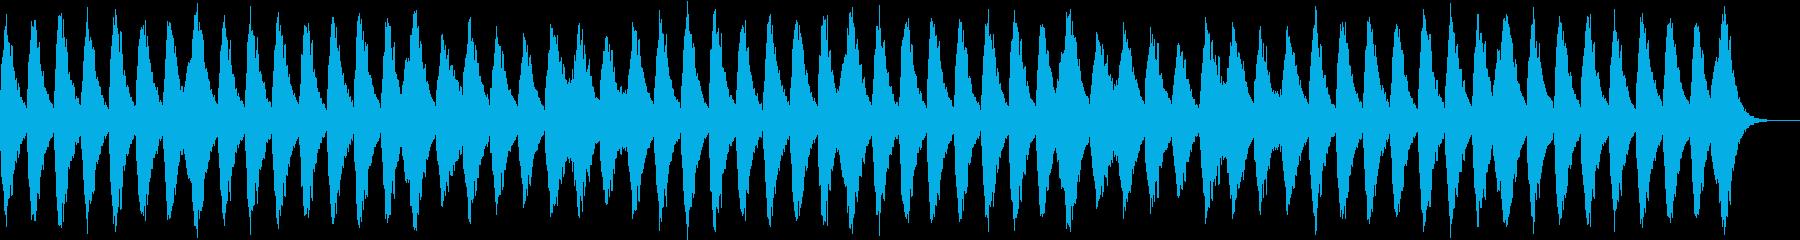 心をリフレッシュしてくれる優しいサウンドの再生済みの波形